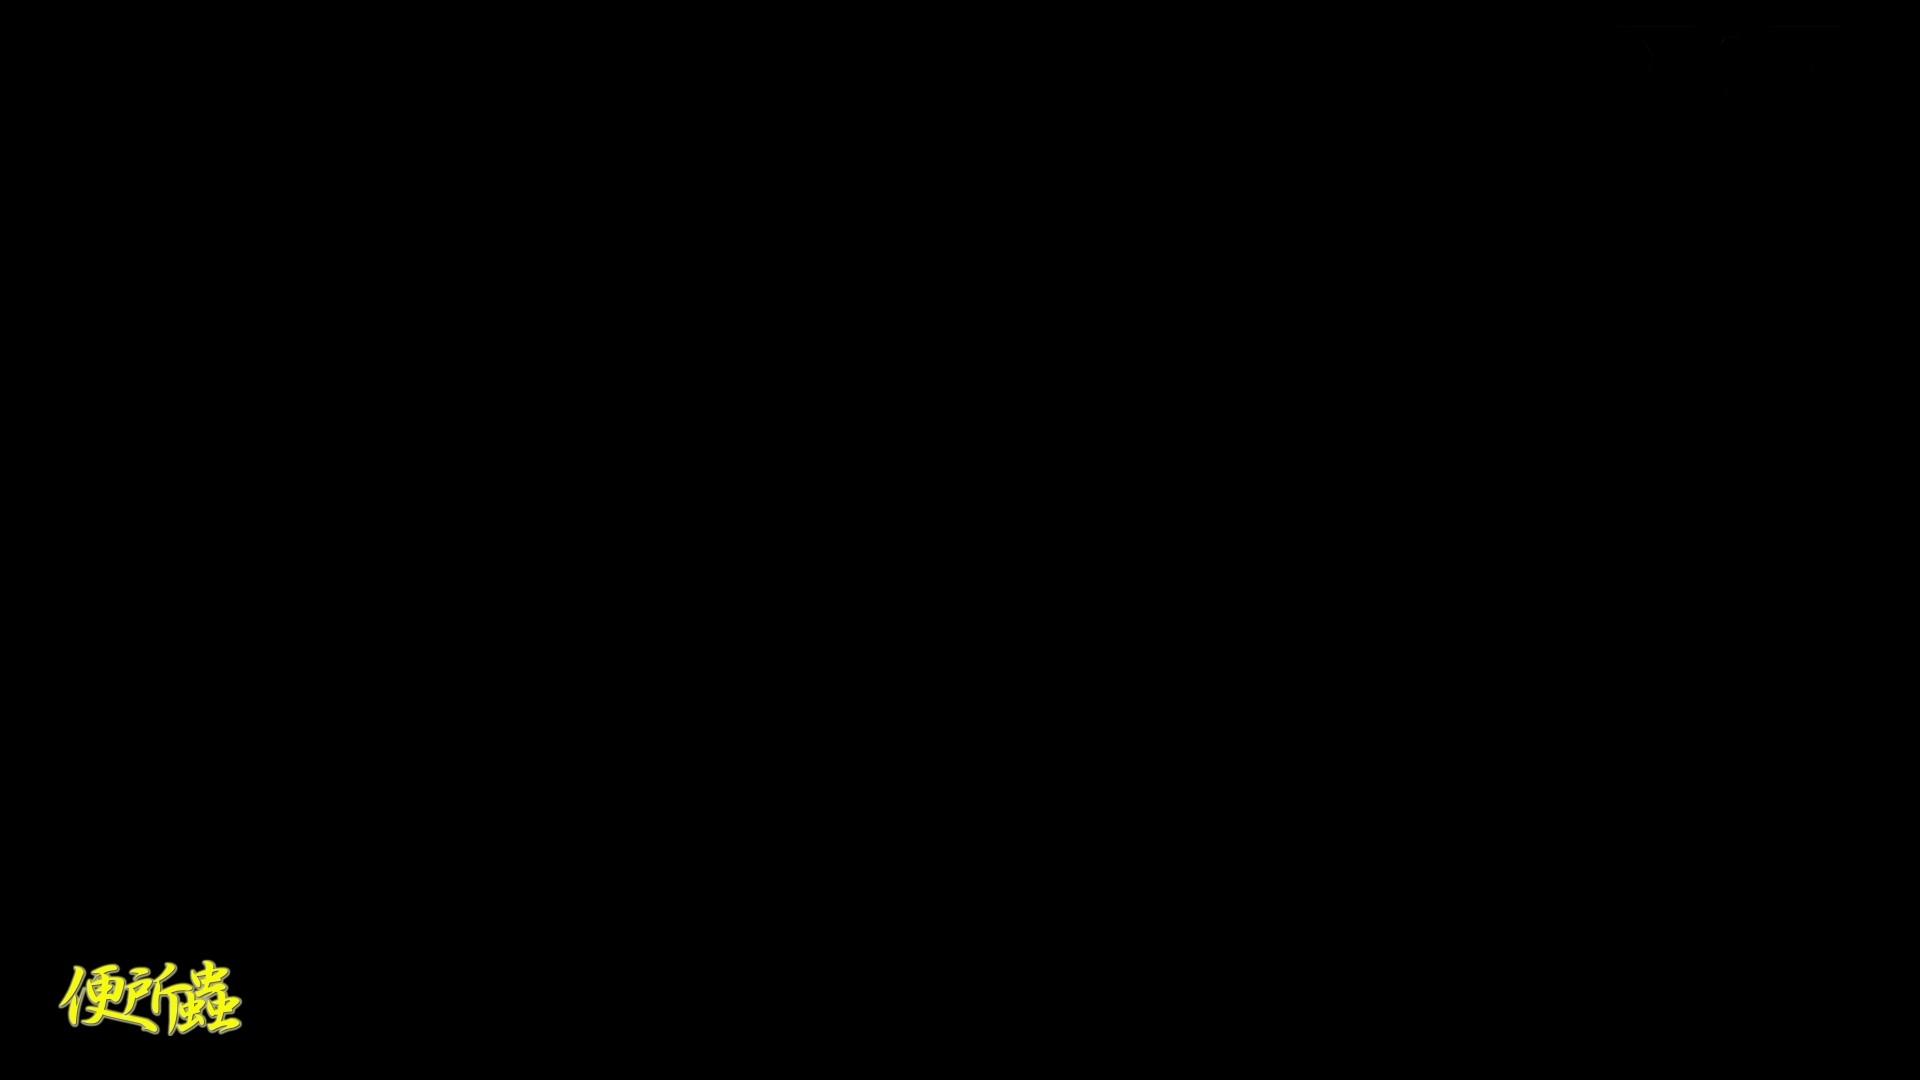 7名登場※【洗面所盗撮】vol.18 便所蟲さんのリターン~寺子屋洗面所盗撮~ ギャル達  101枚 26